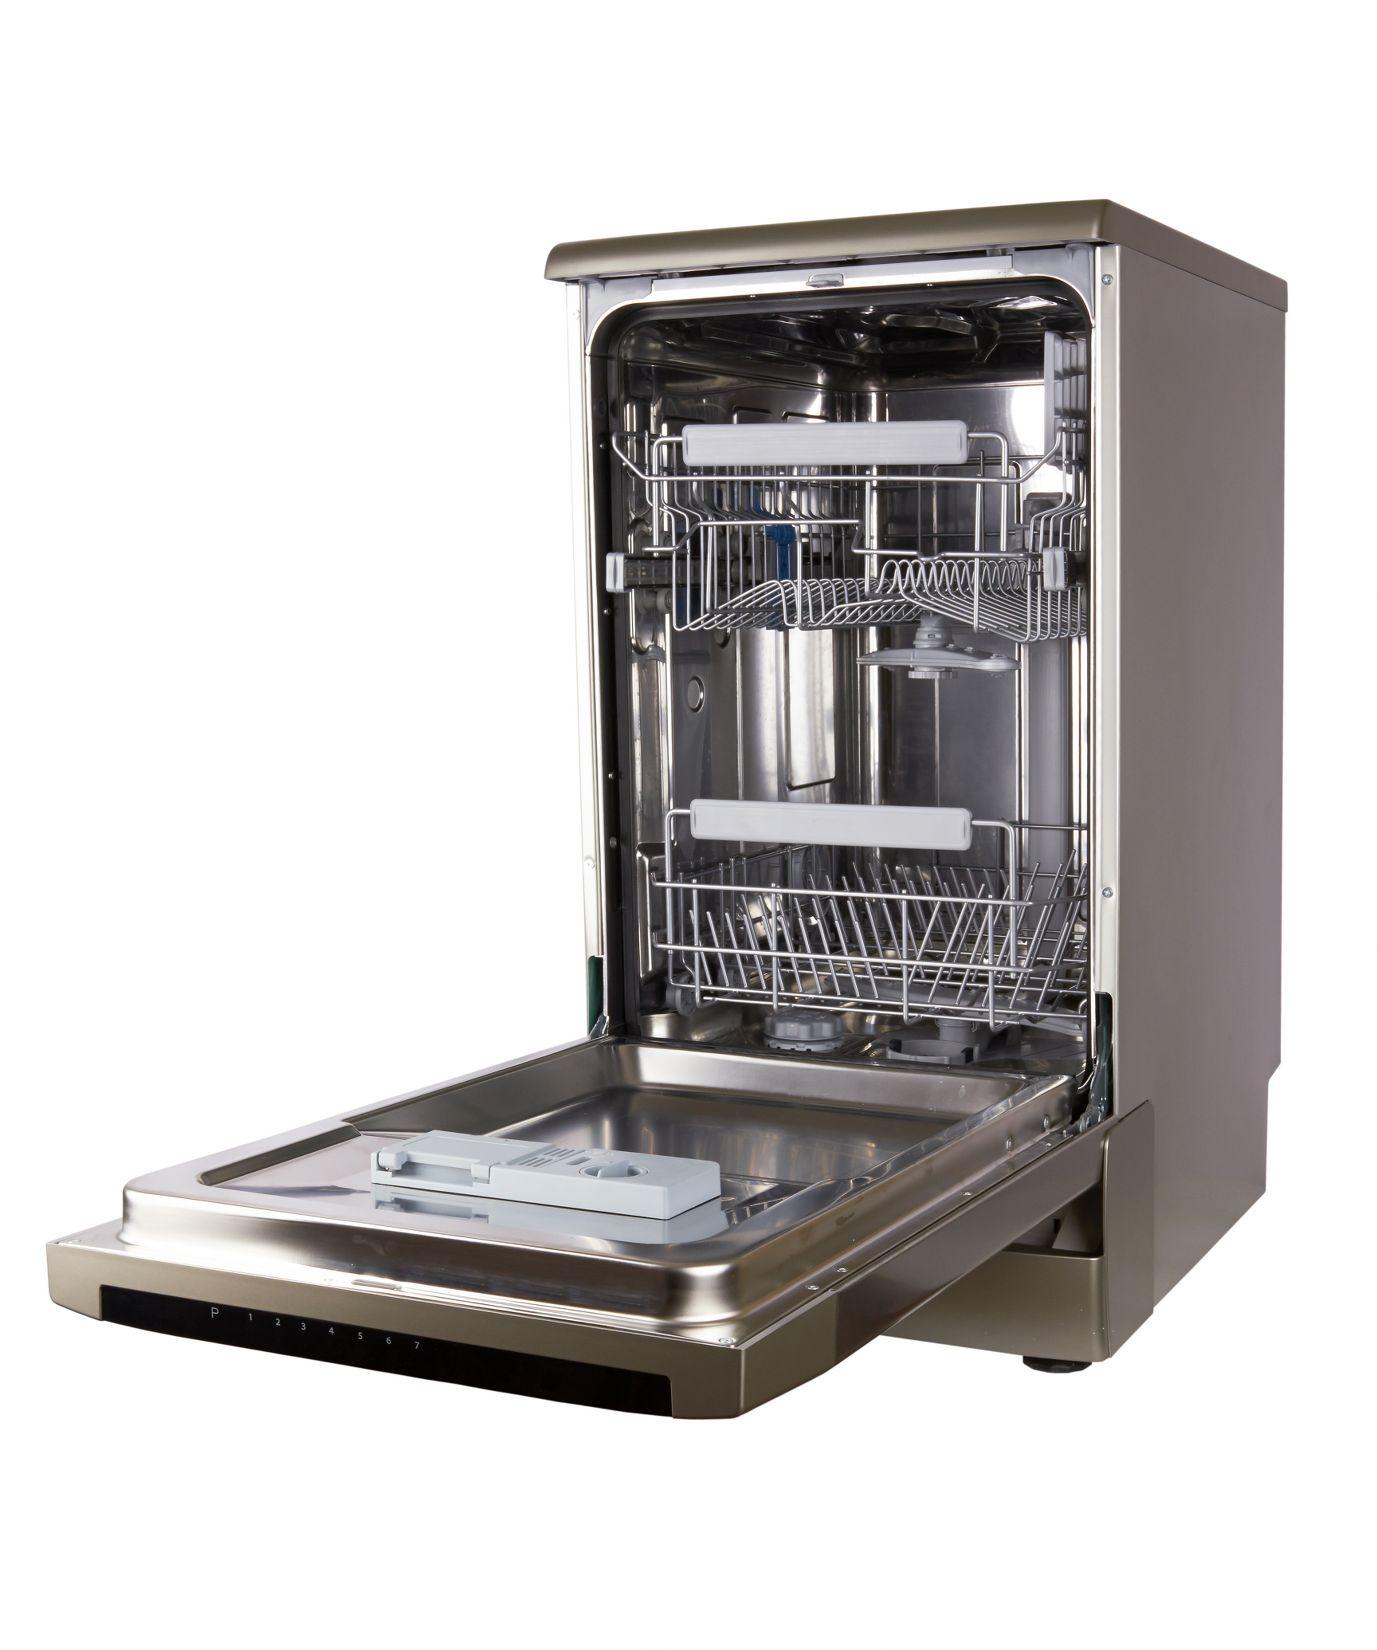 Dishwasher machine isolated on a white background